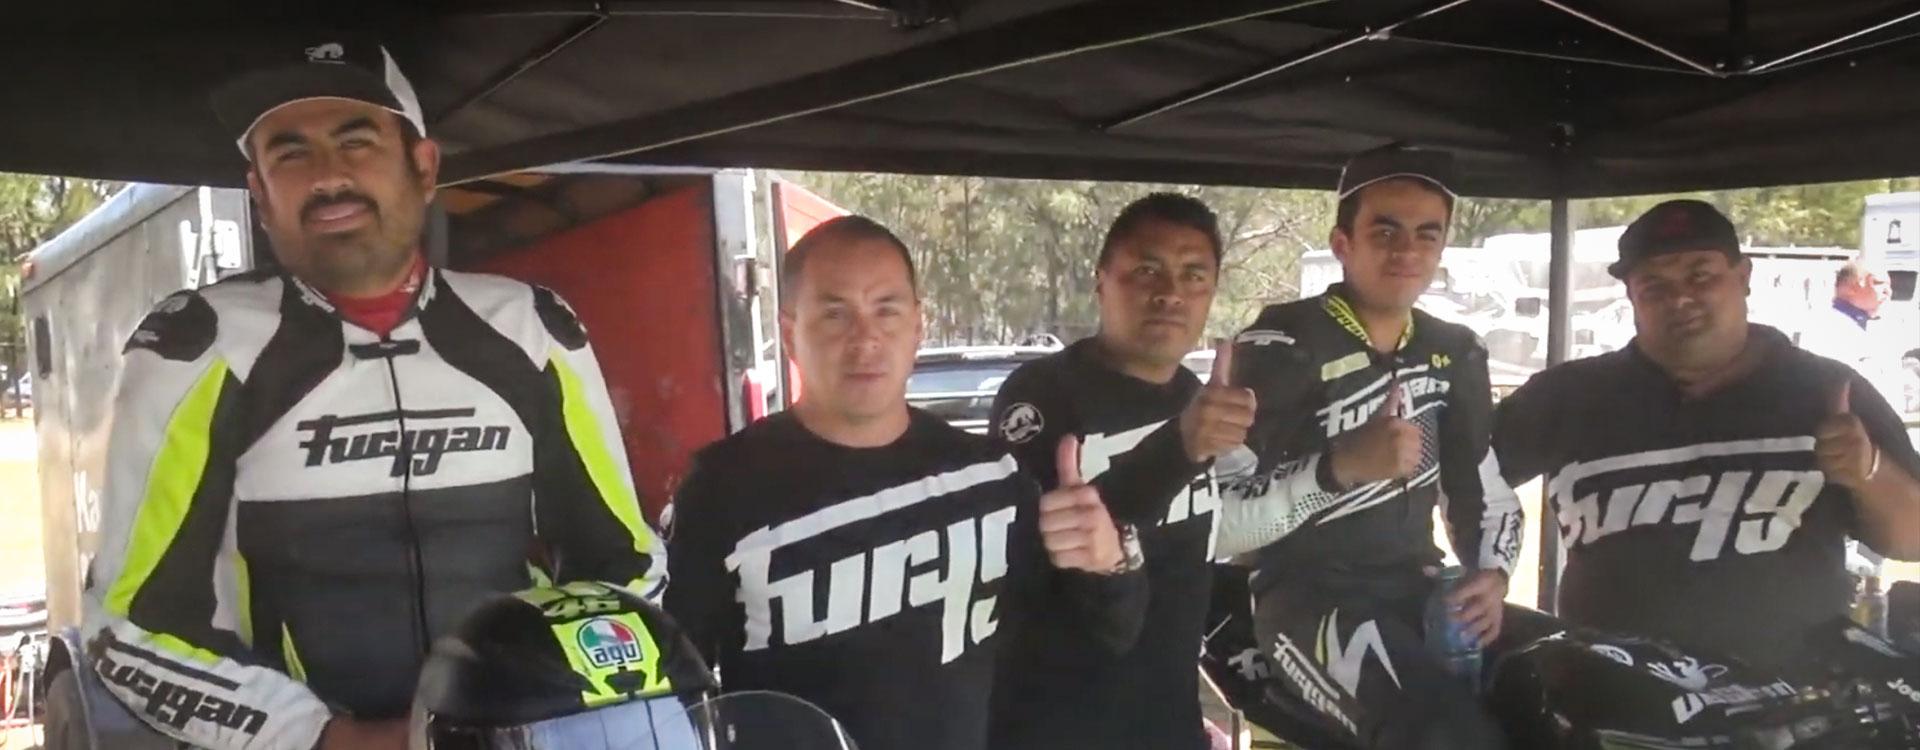 comp-video-carreras-02-equipo-jca-motorbikes-furygan